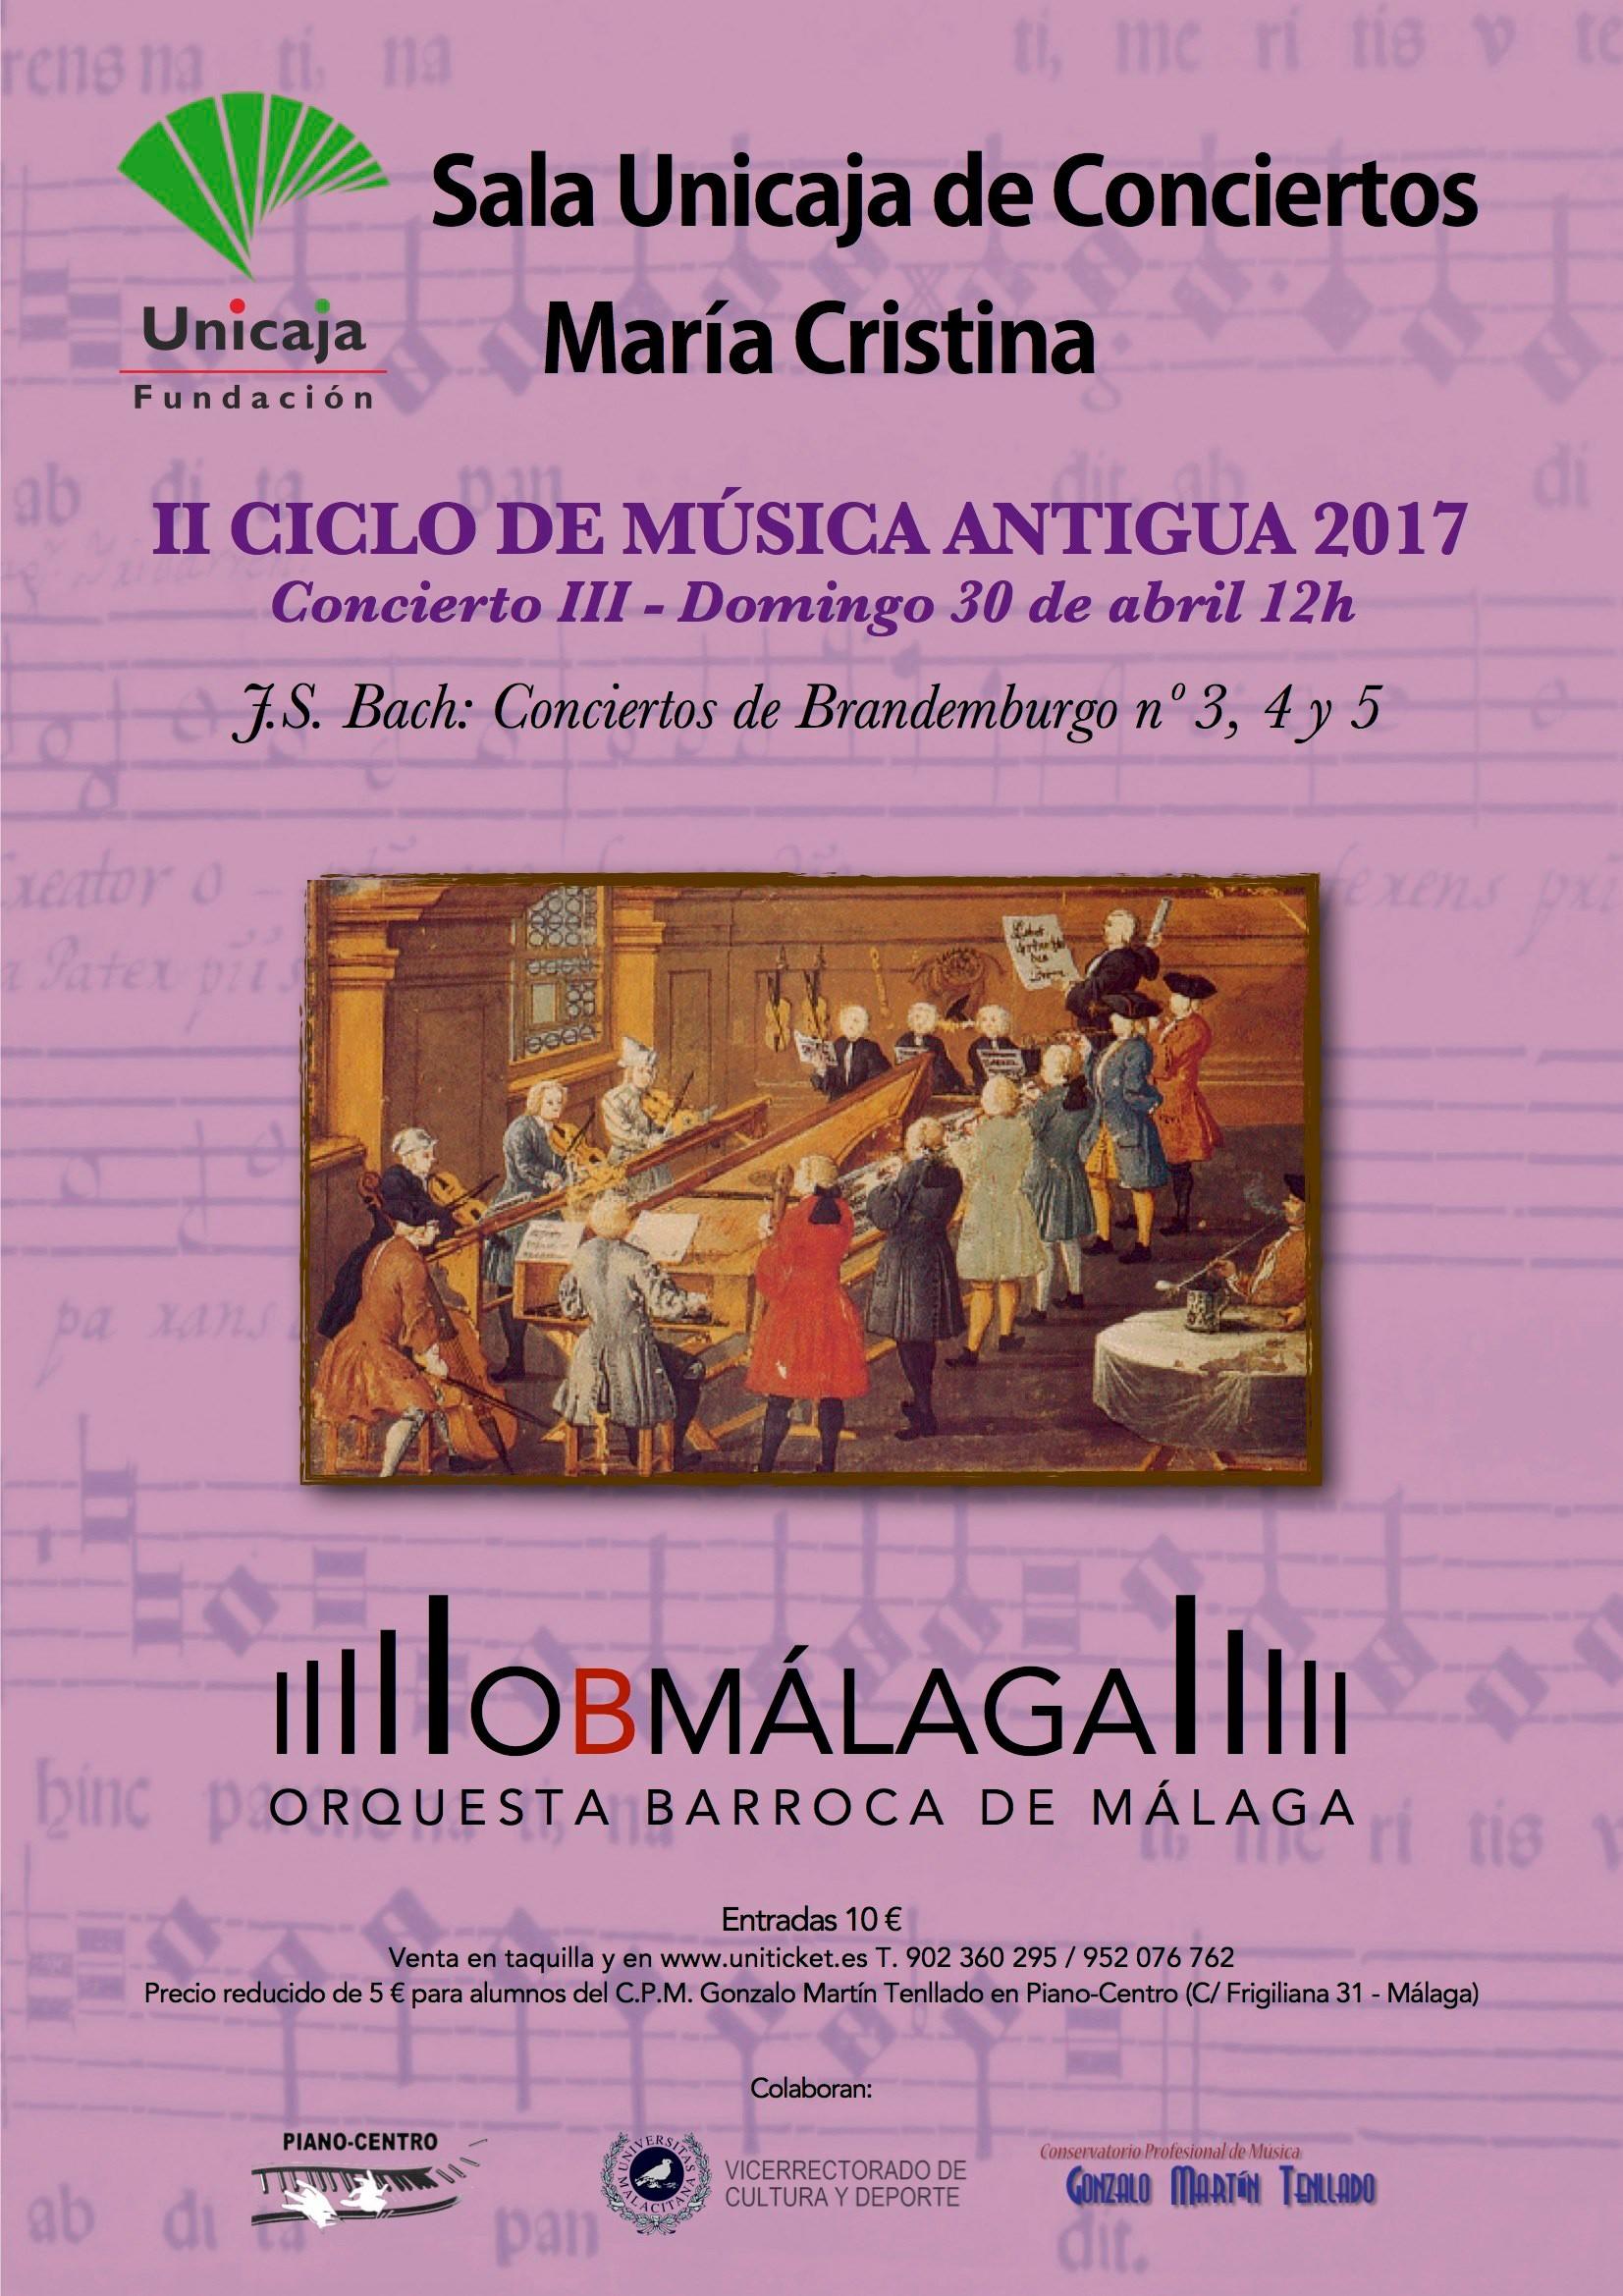 Calendario 2020 Nicaragua Actual El Giraldillo todos Los eventos Del 30 De Abril En andaluca Of Calendario 2020 Nicaragua Más Arriba-a-fecha Ucmj Manual